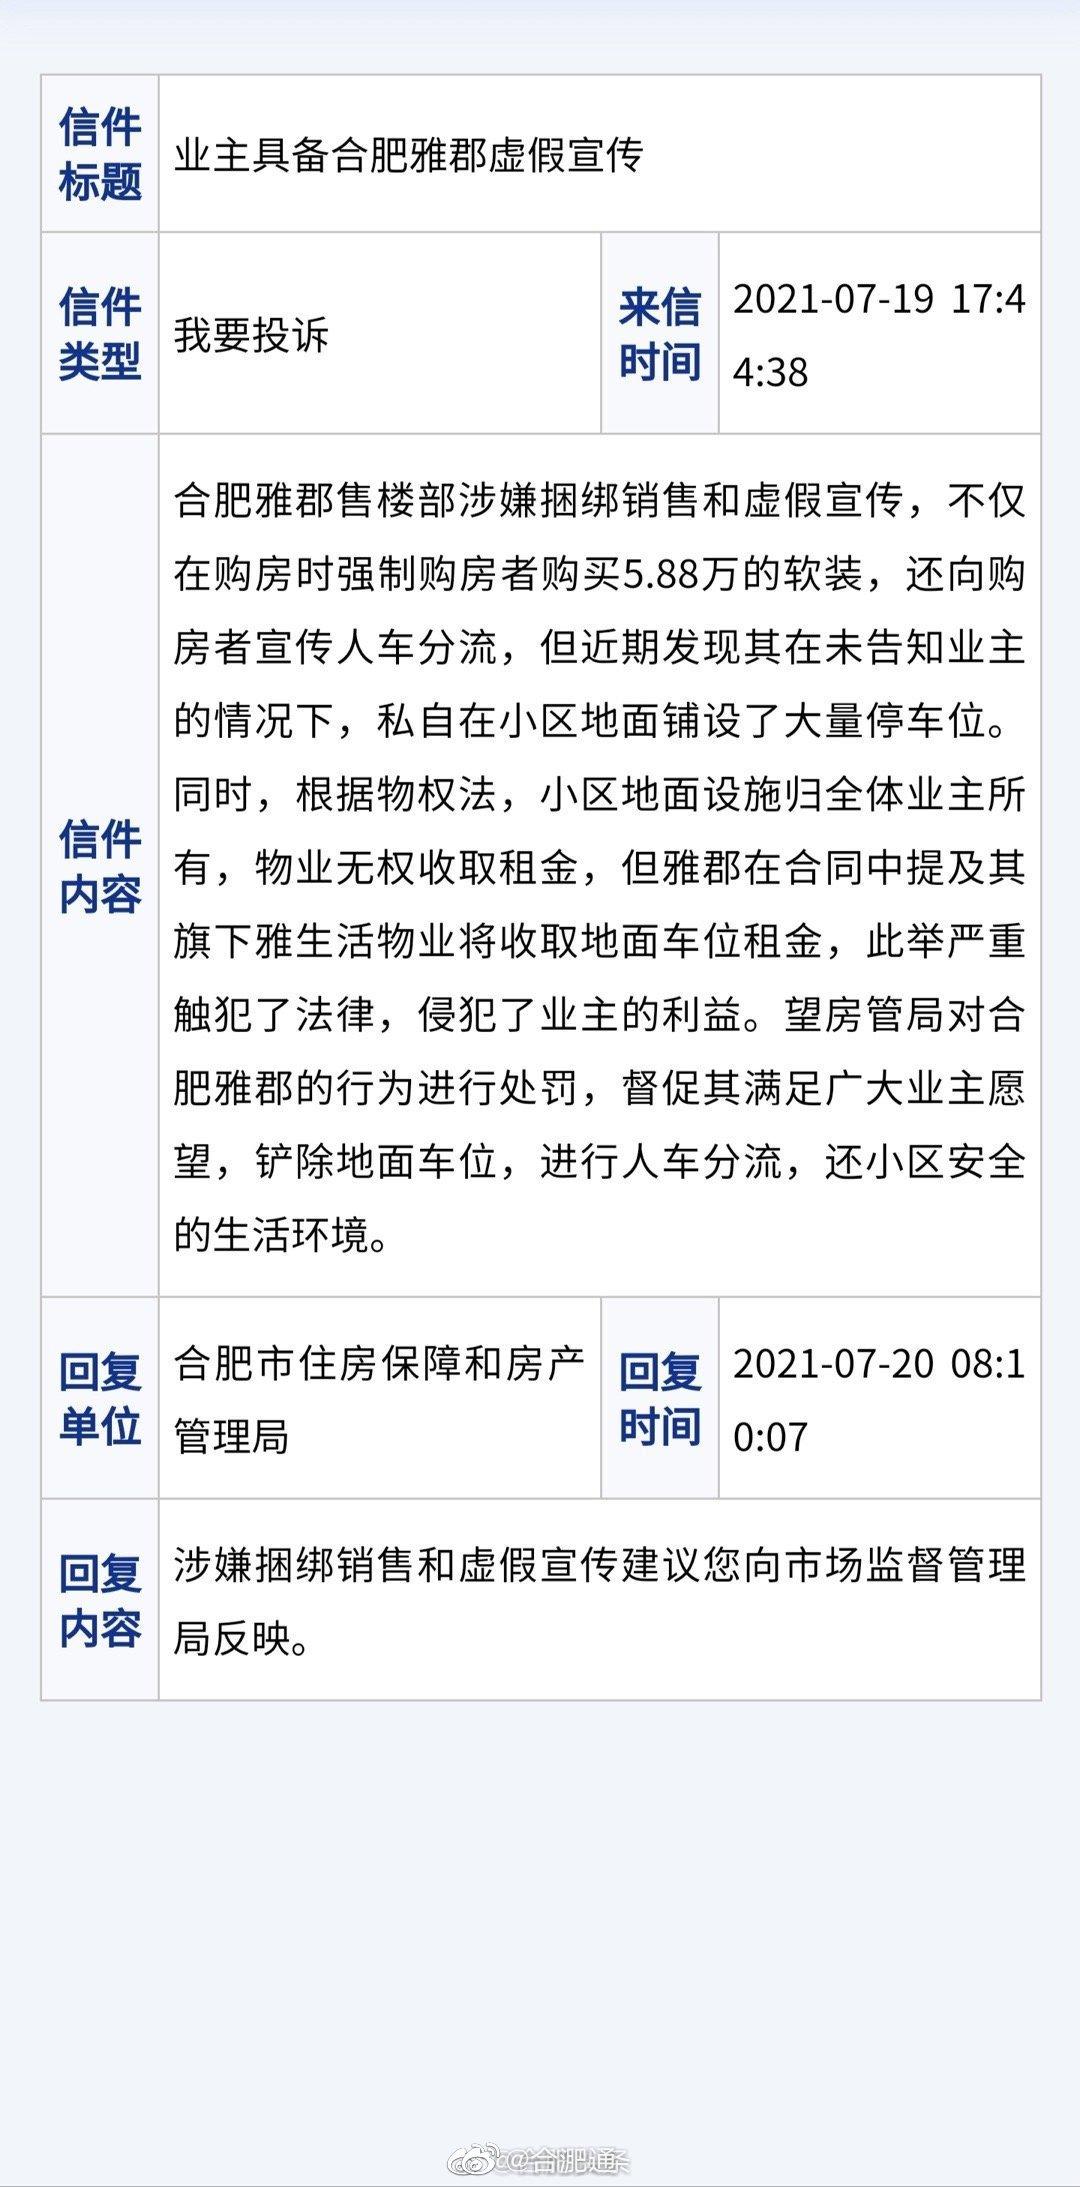 网友举报雅居乐合肥雅郡售楼部涉嫌虚假宣传